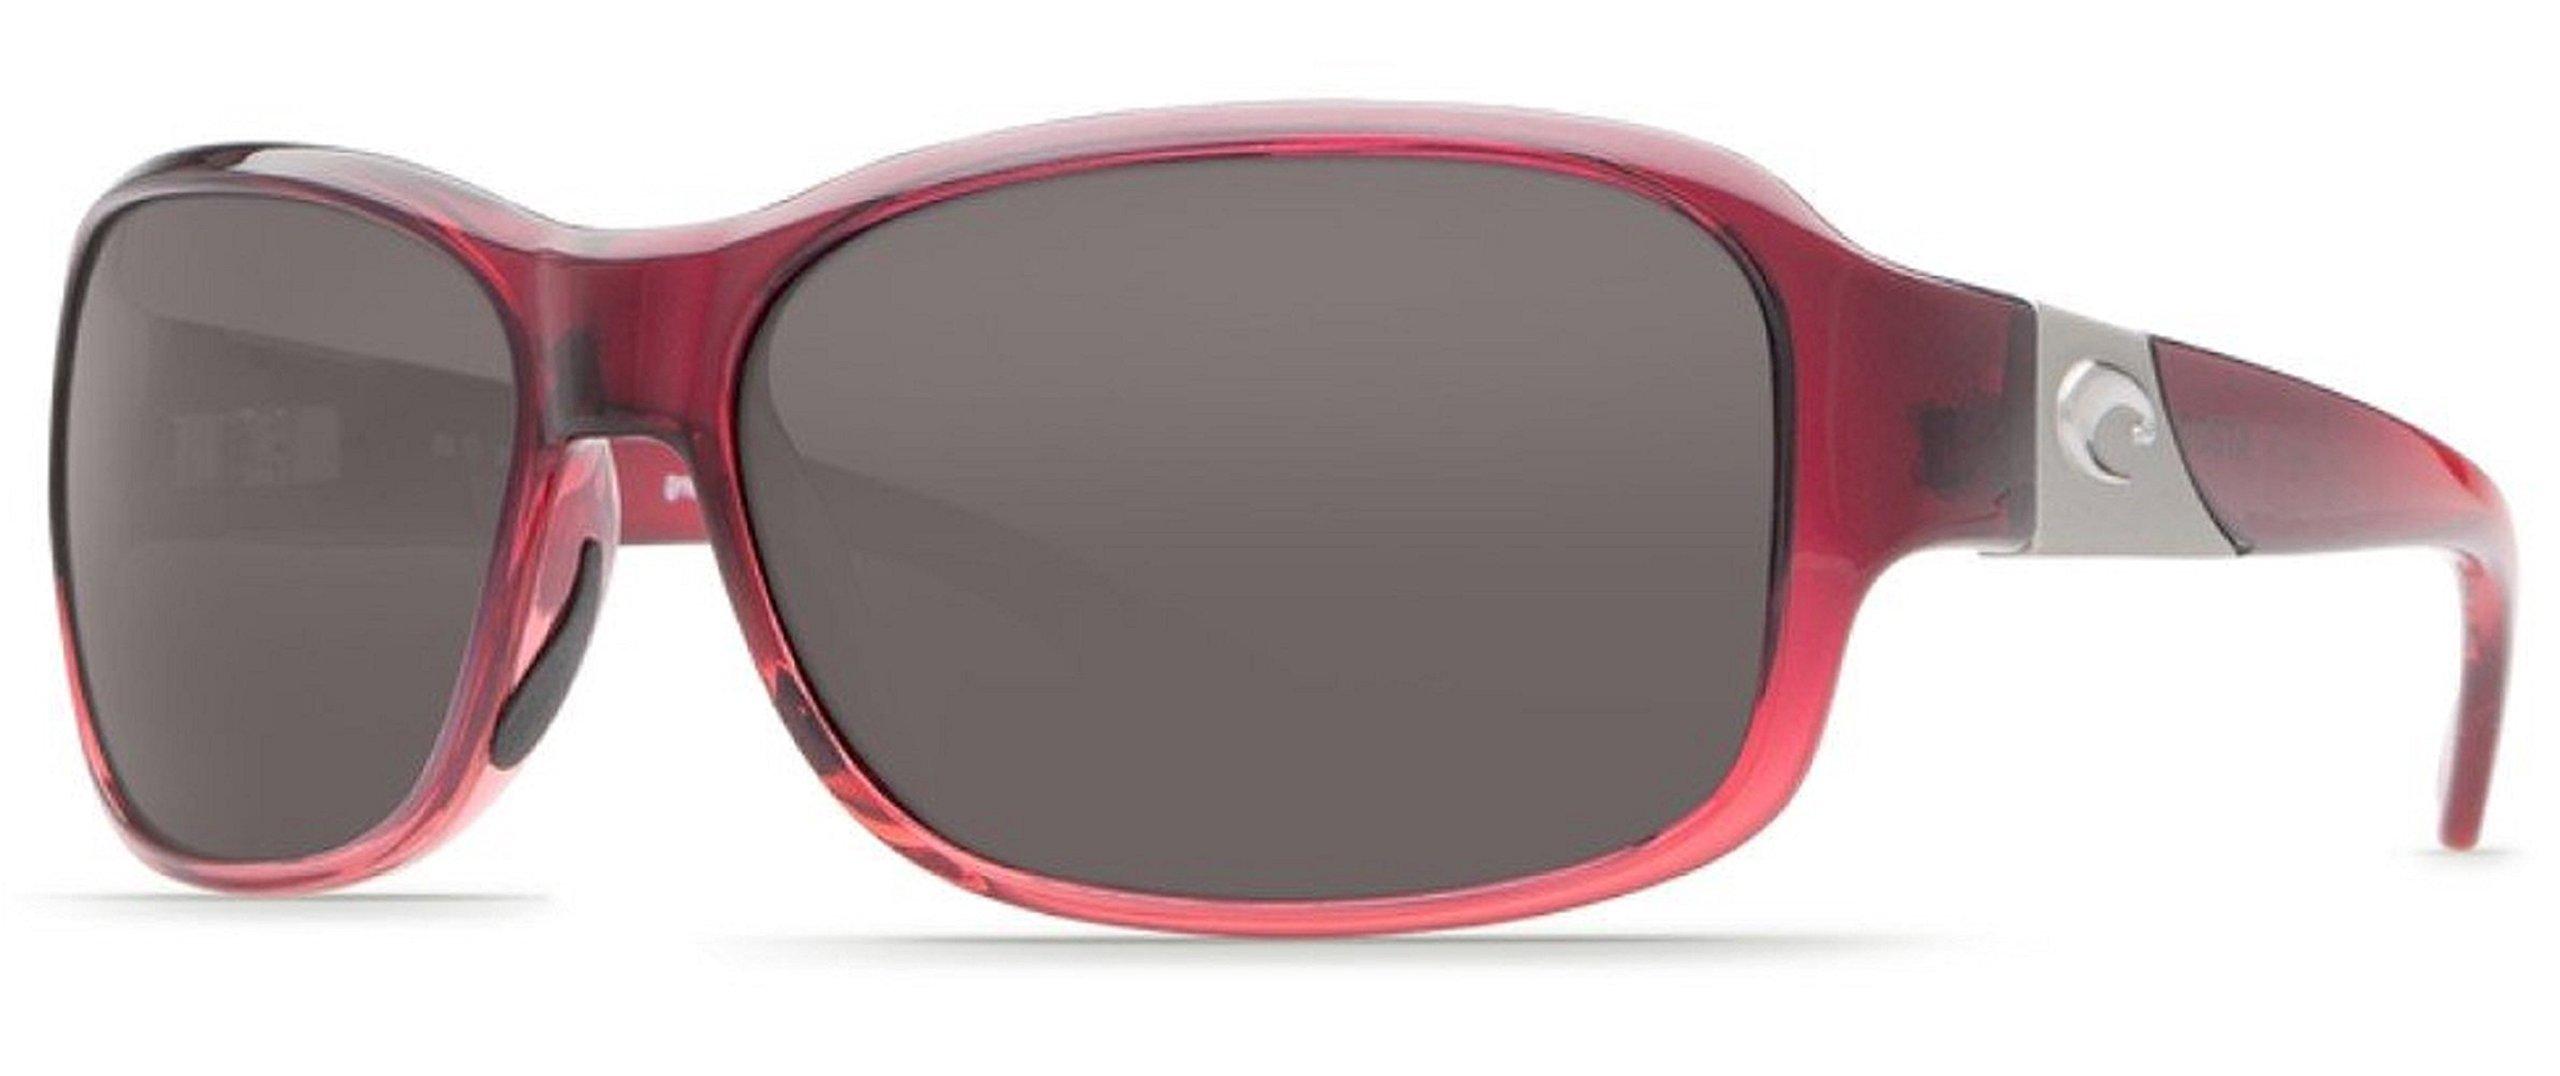 Costa del Mar Inlet Sunglasses Pomegranate Fade/Gray 580Plastic by Costa Del Mar